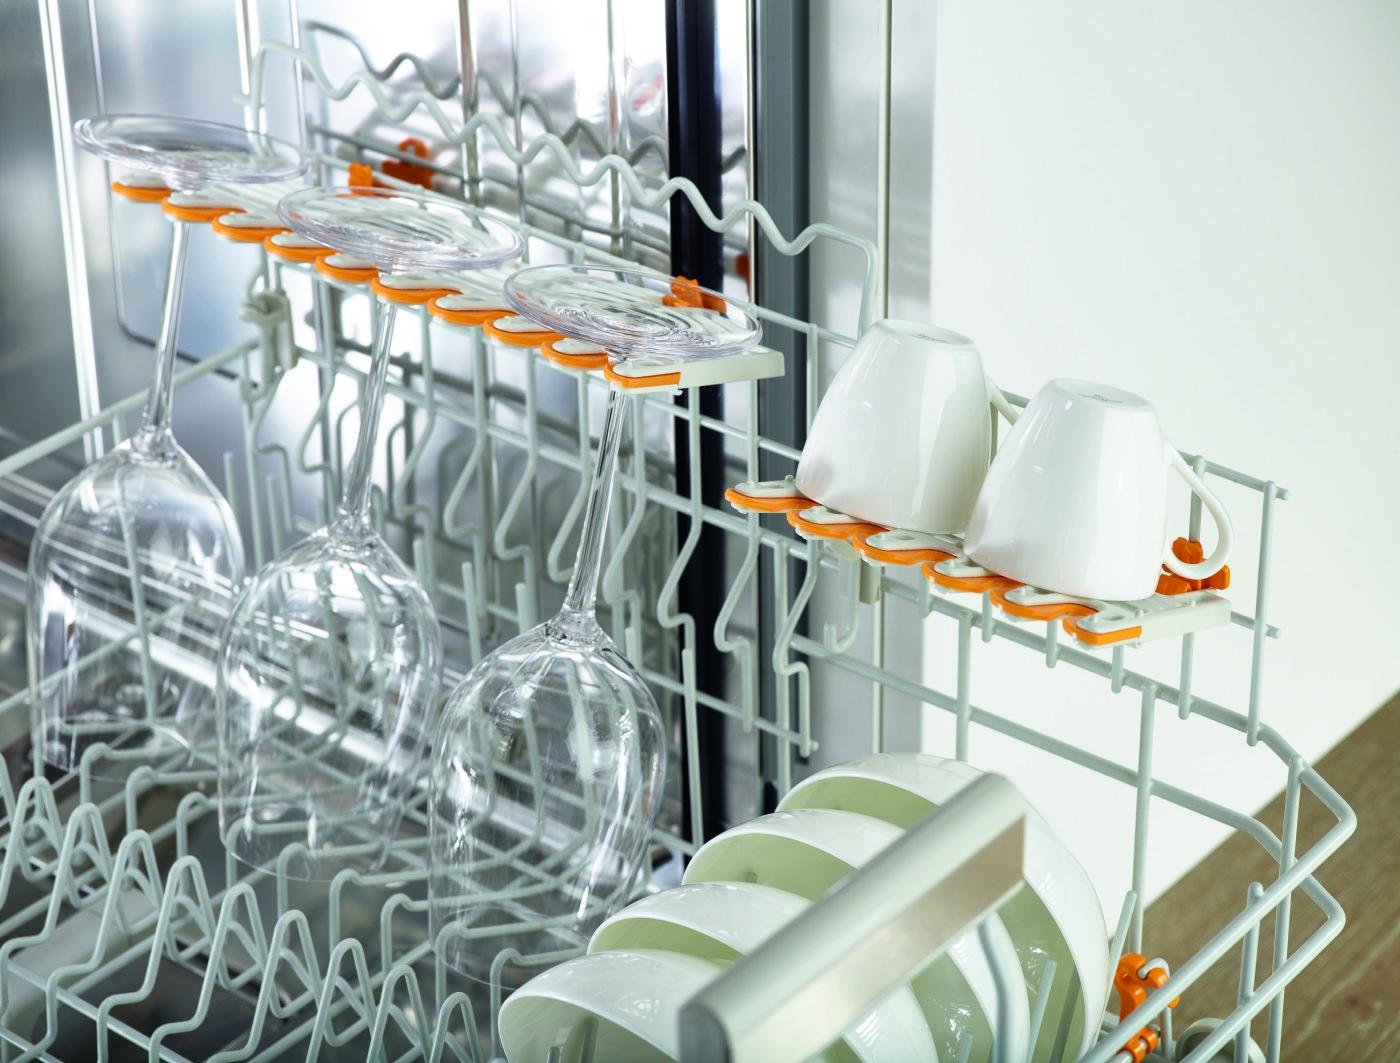 les avantages des nouveaux lave vaisselle miele g6000 avec ecoflex. Black Bedroom Furniture Sets. Home Design Ideas